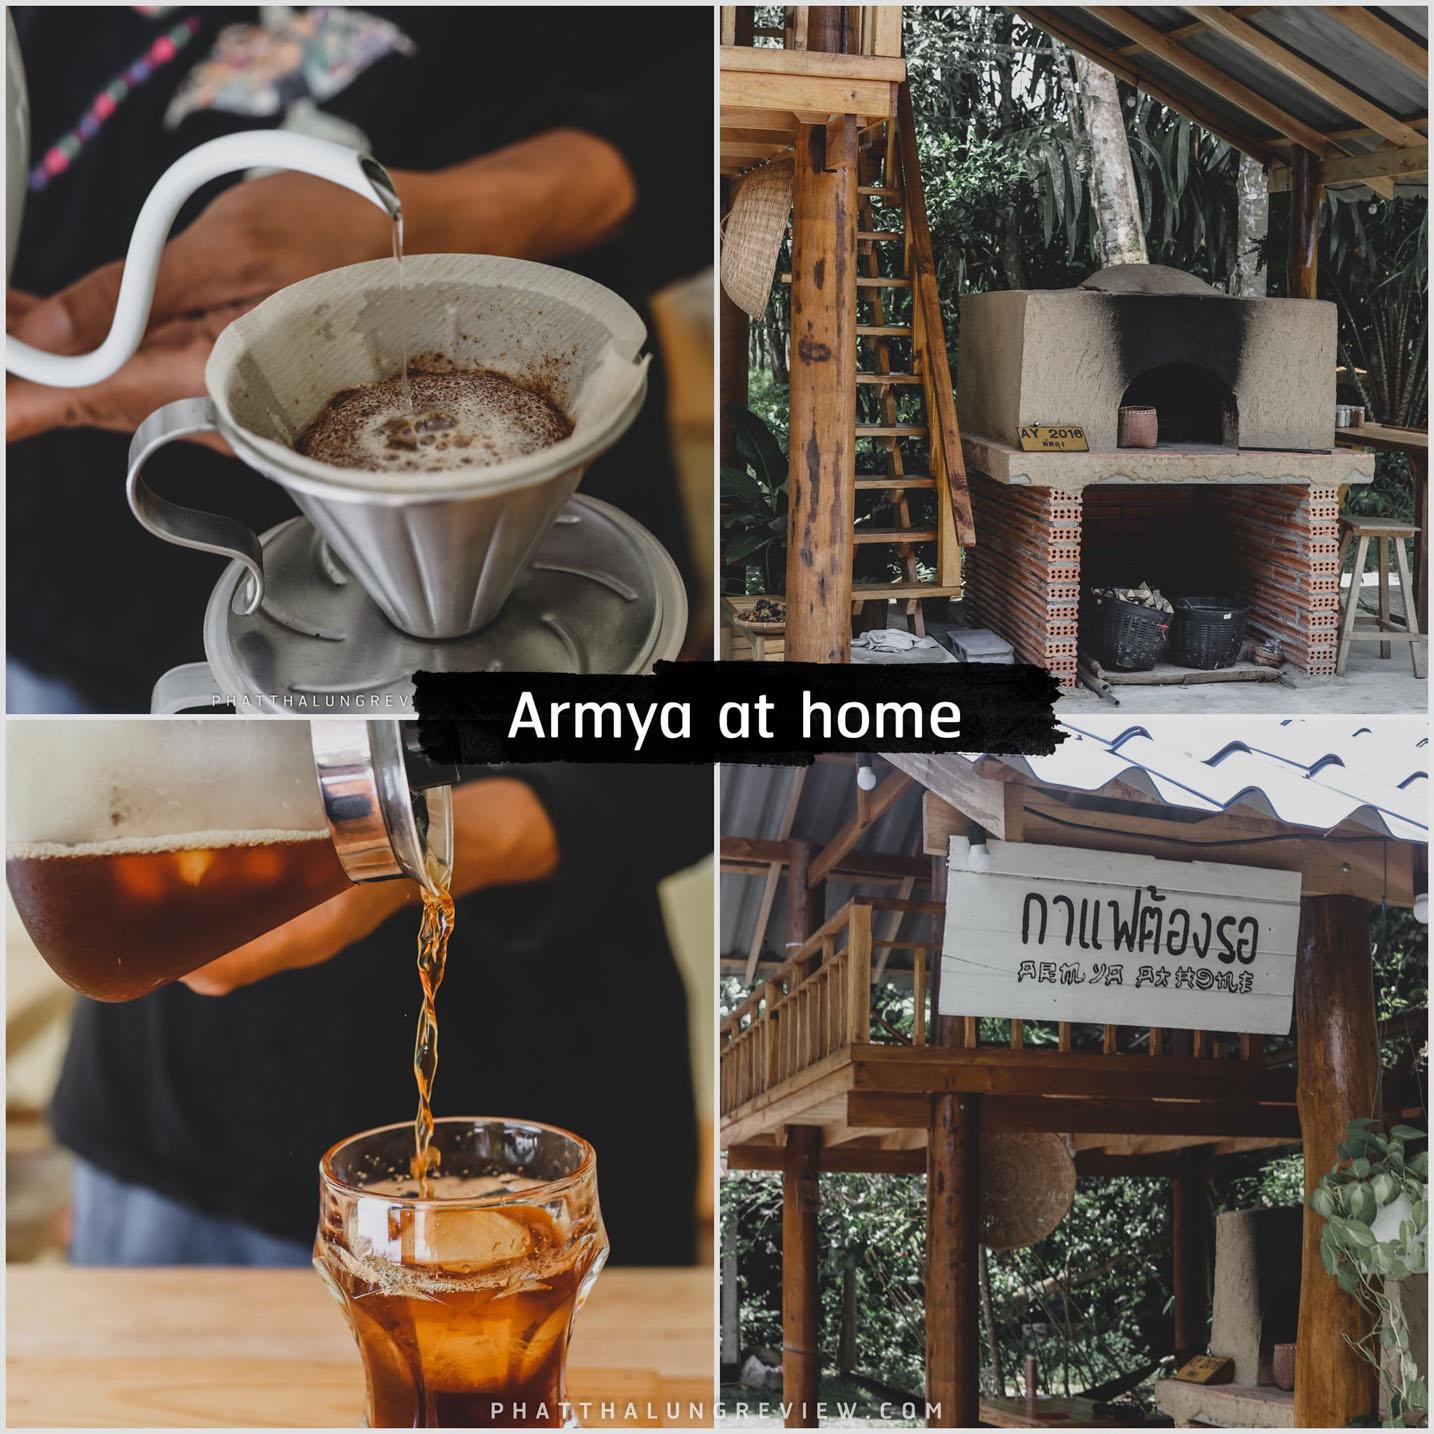 armya at home ร้านอาหารโฮมเมดที่เปิดบ้านเป็นร้านอาหารเพื่อสุขภาพ และงานแฮนด์เมดบวกกับศิลปะและดนตรีให้ 10/10